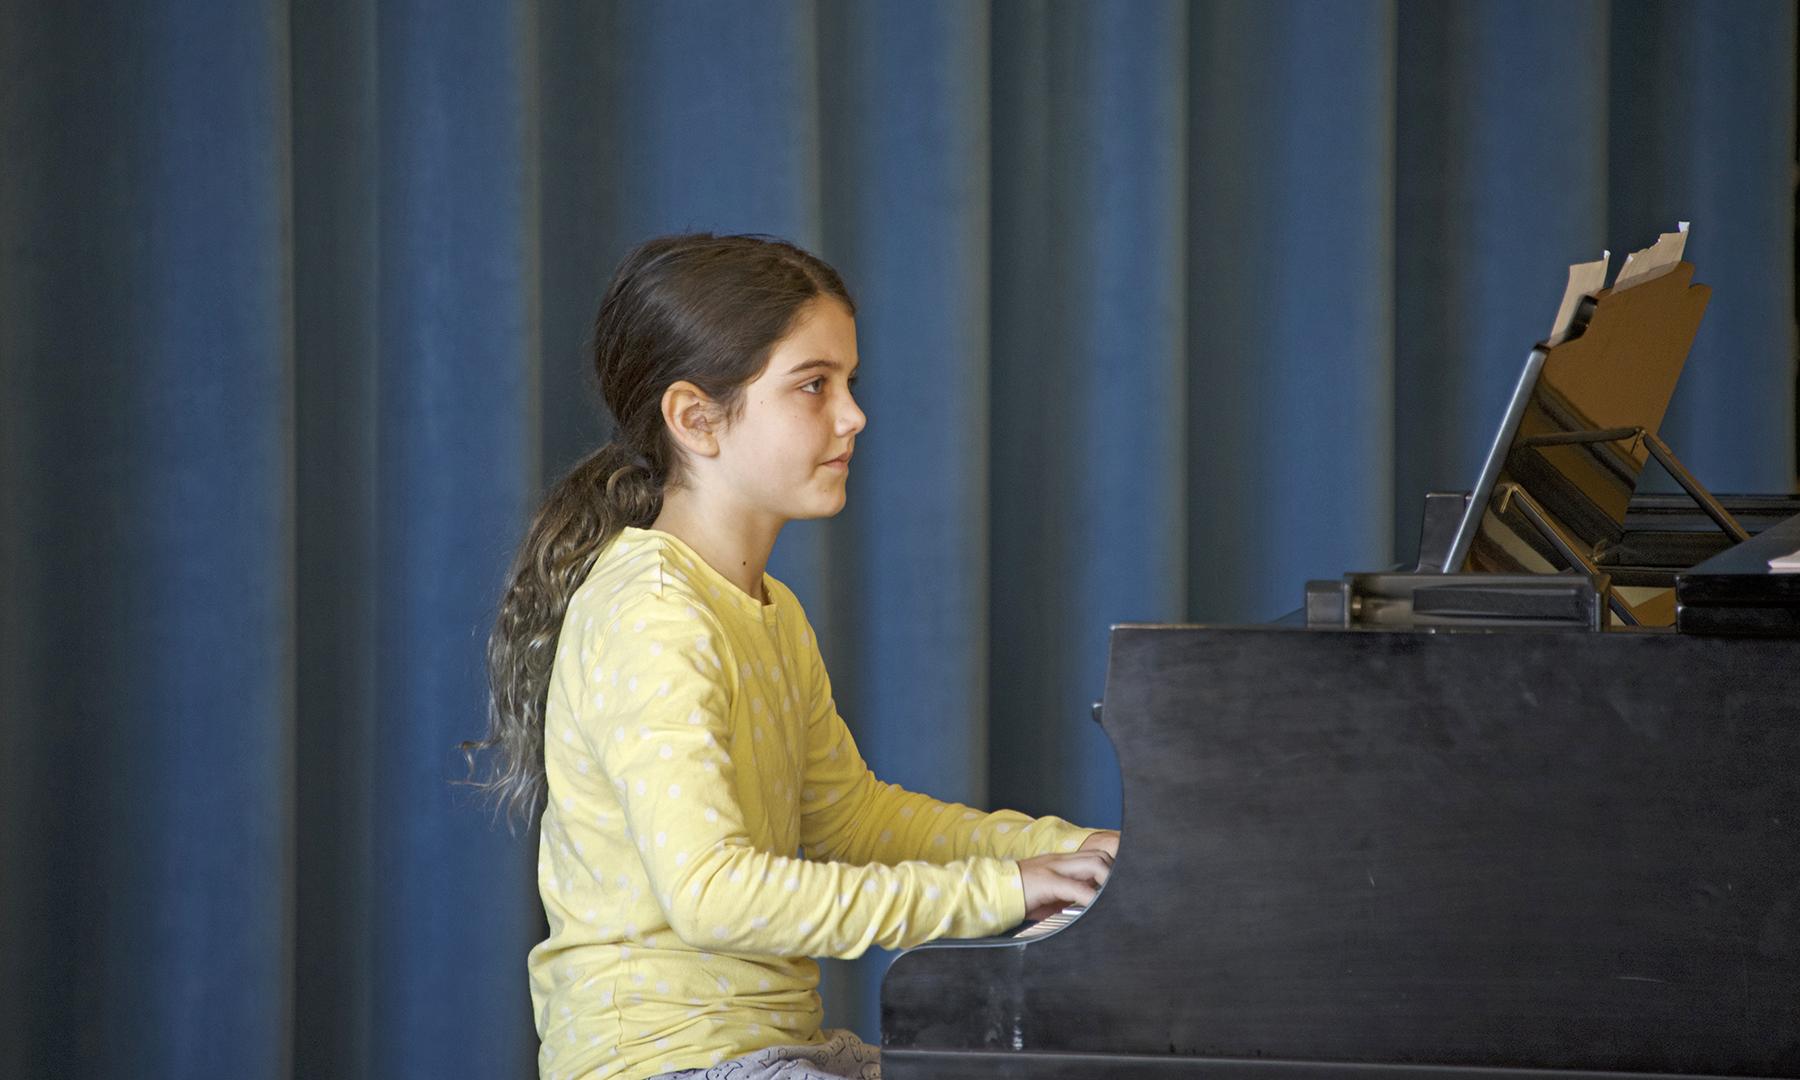 JU recital - 005.jpg